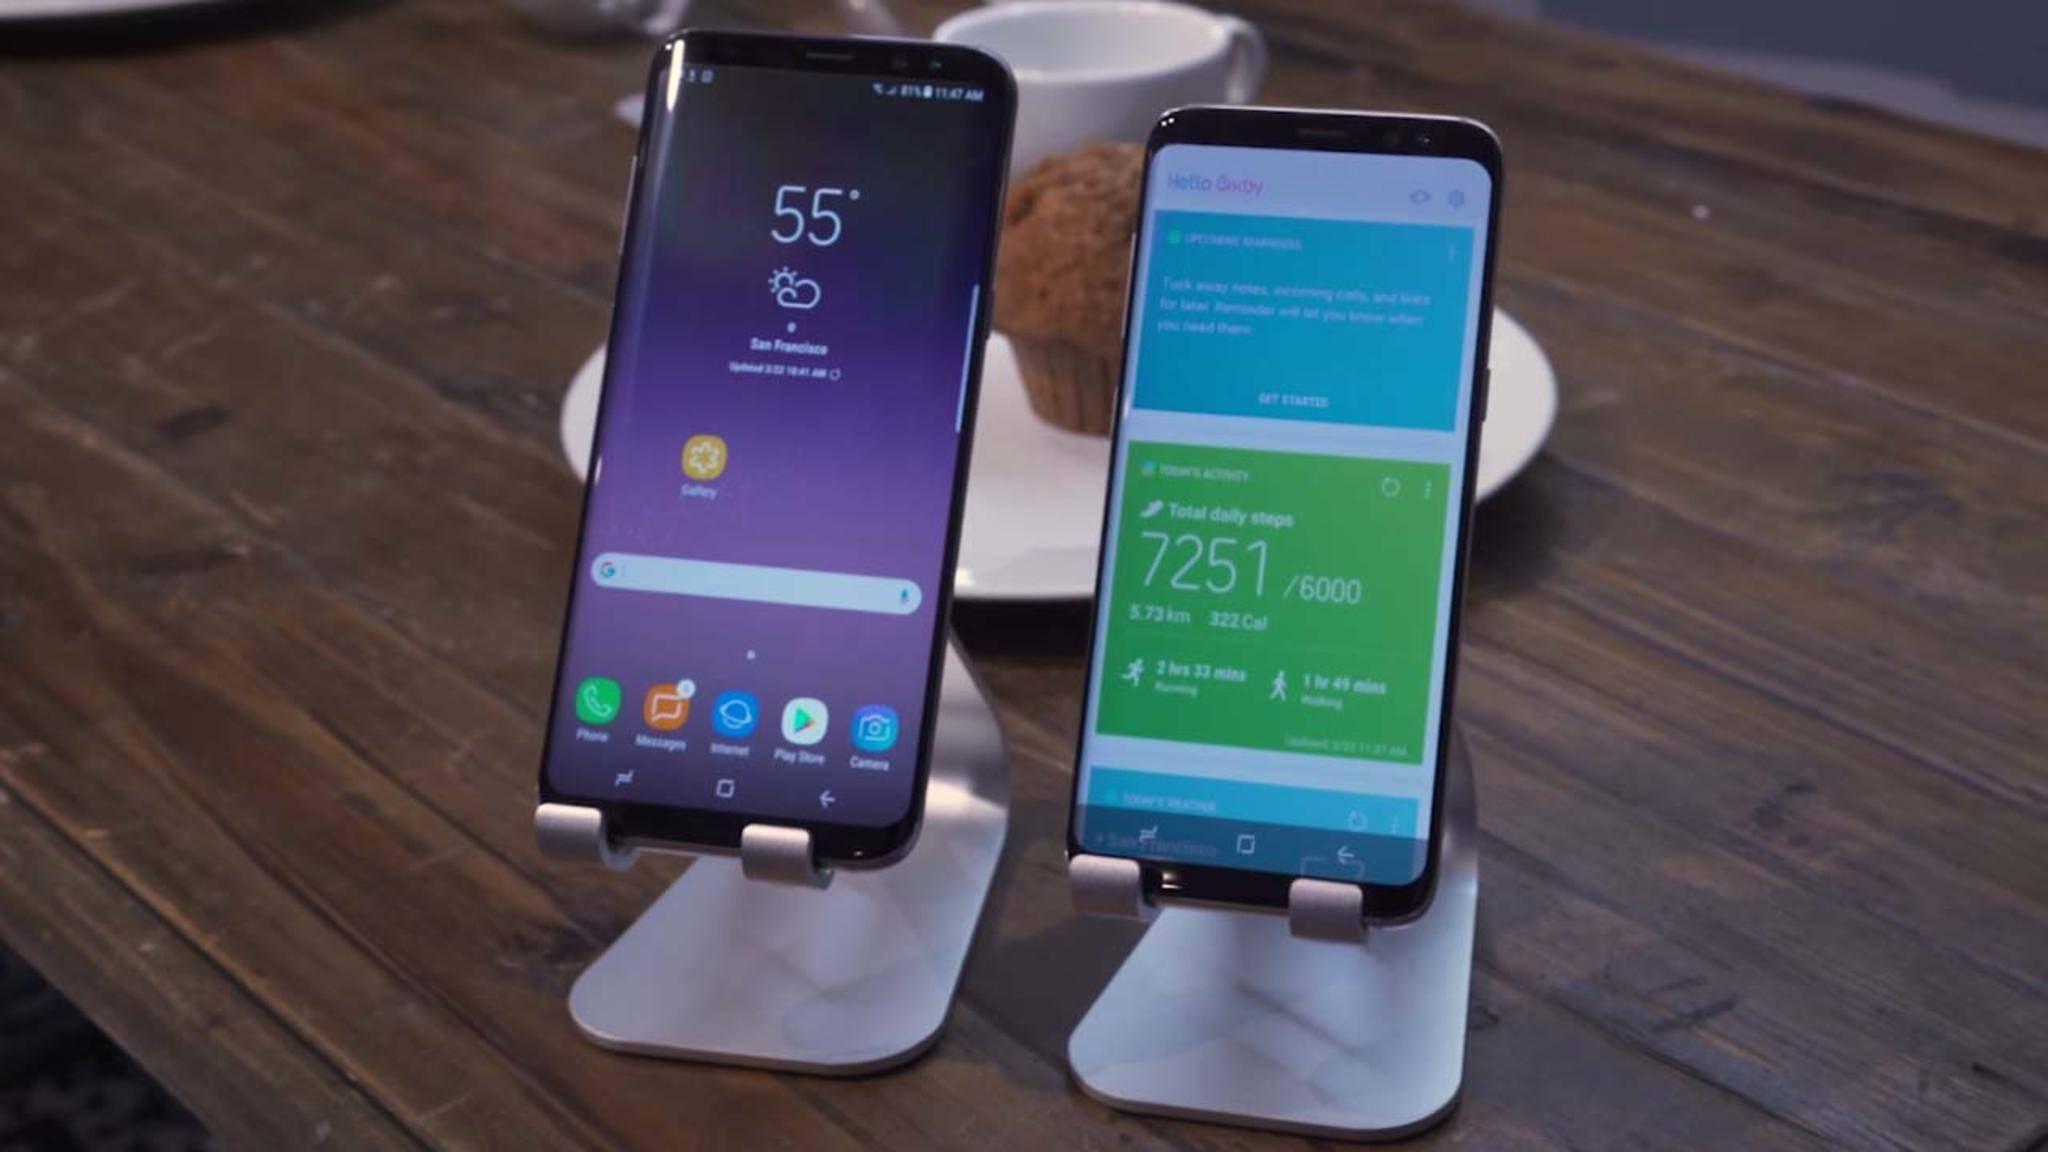 Wann kommt Samsungs Sprachassistent Bixby endlich auf Galaxy-S8-Exemplare außerhalb Koreas?